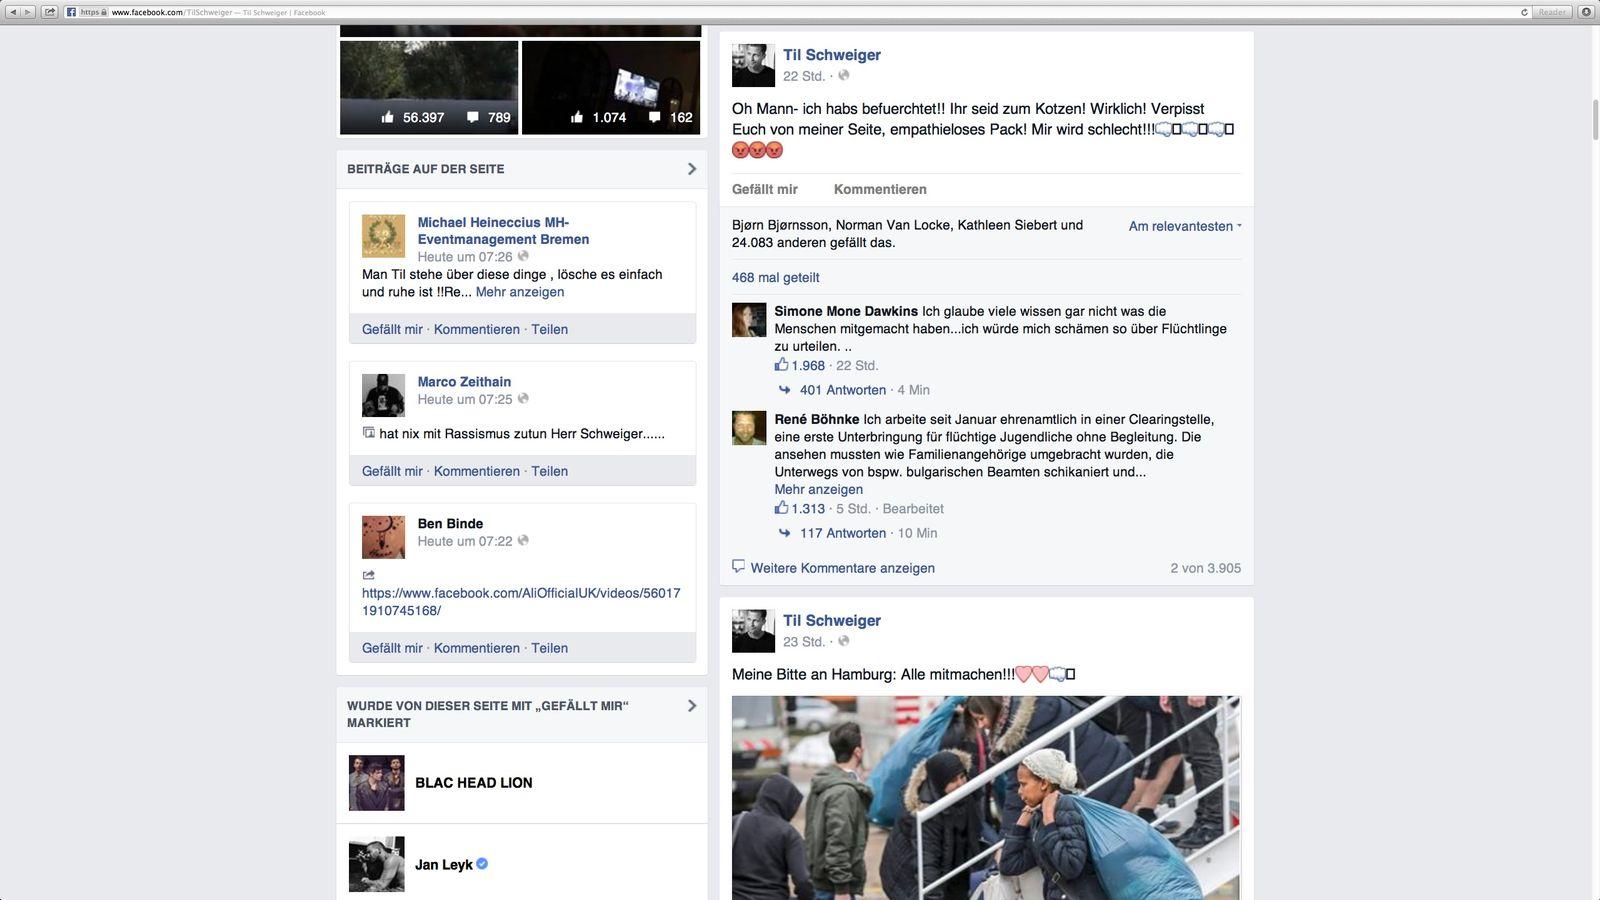 EINMALIGE VERWENDUNG screenshot/ Til Schweiger Facebook